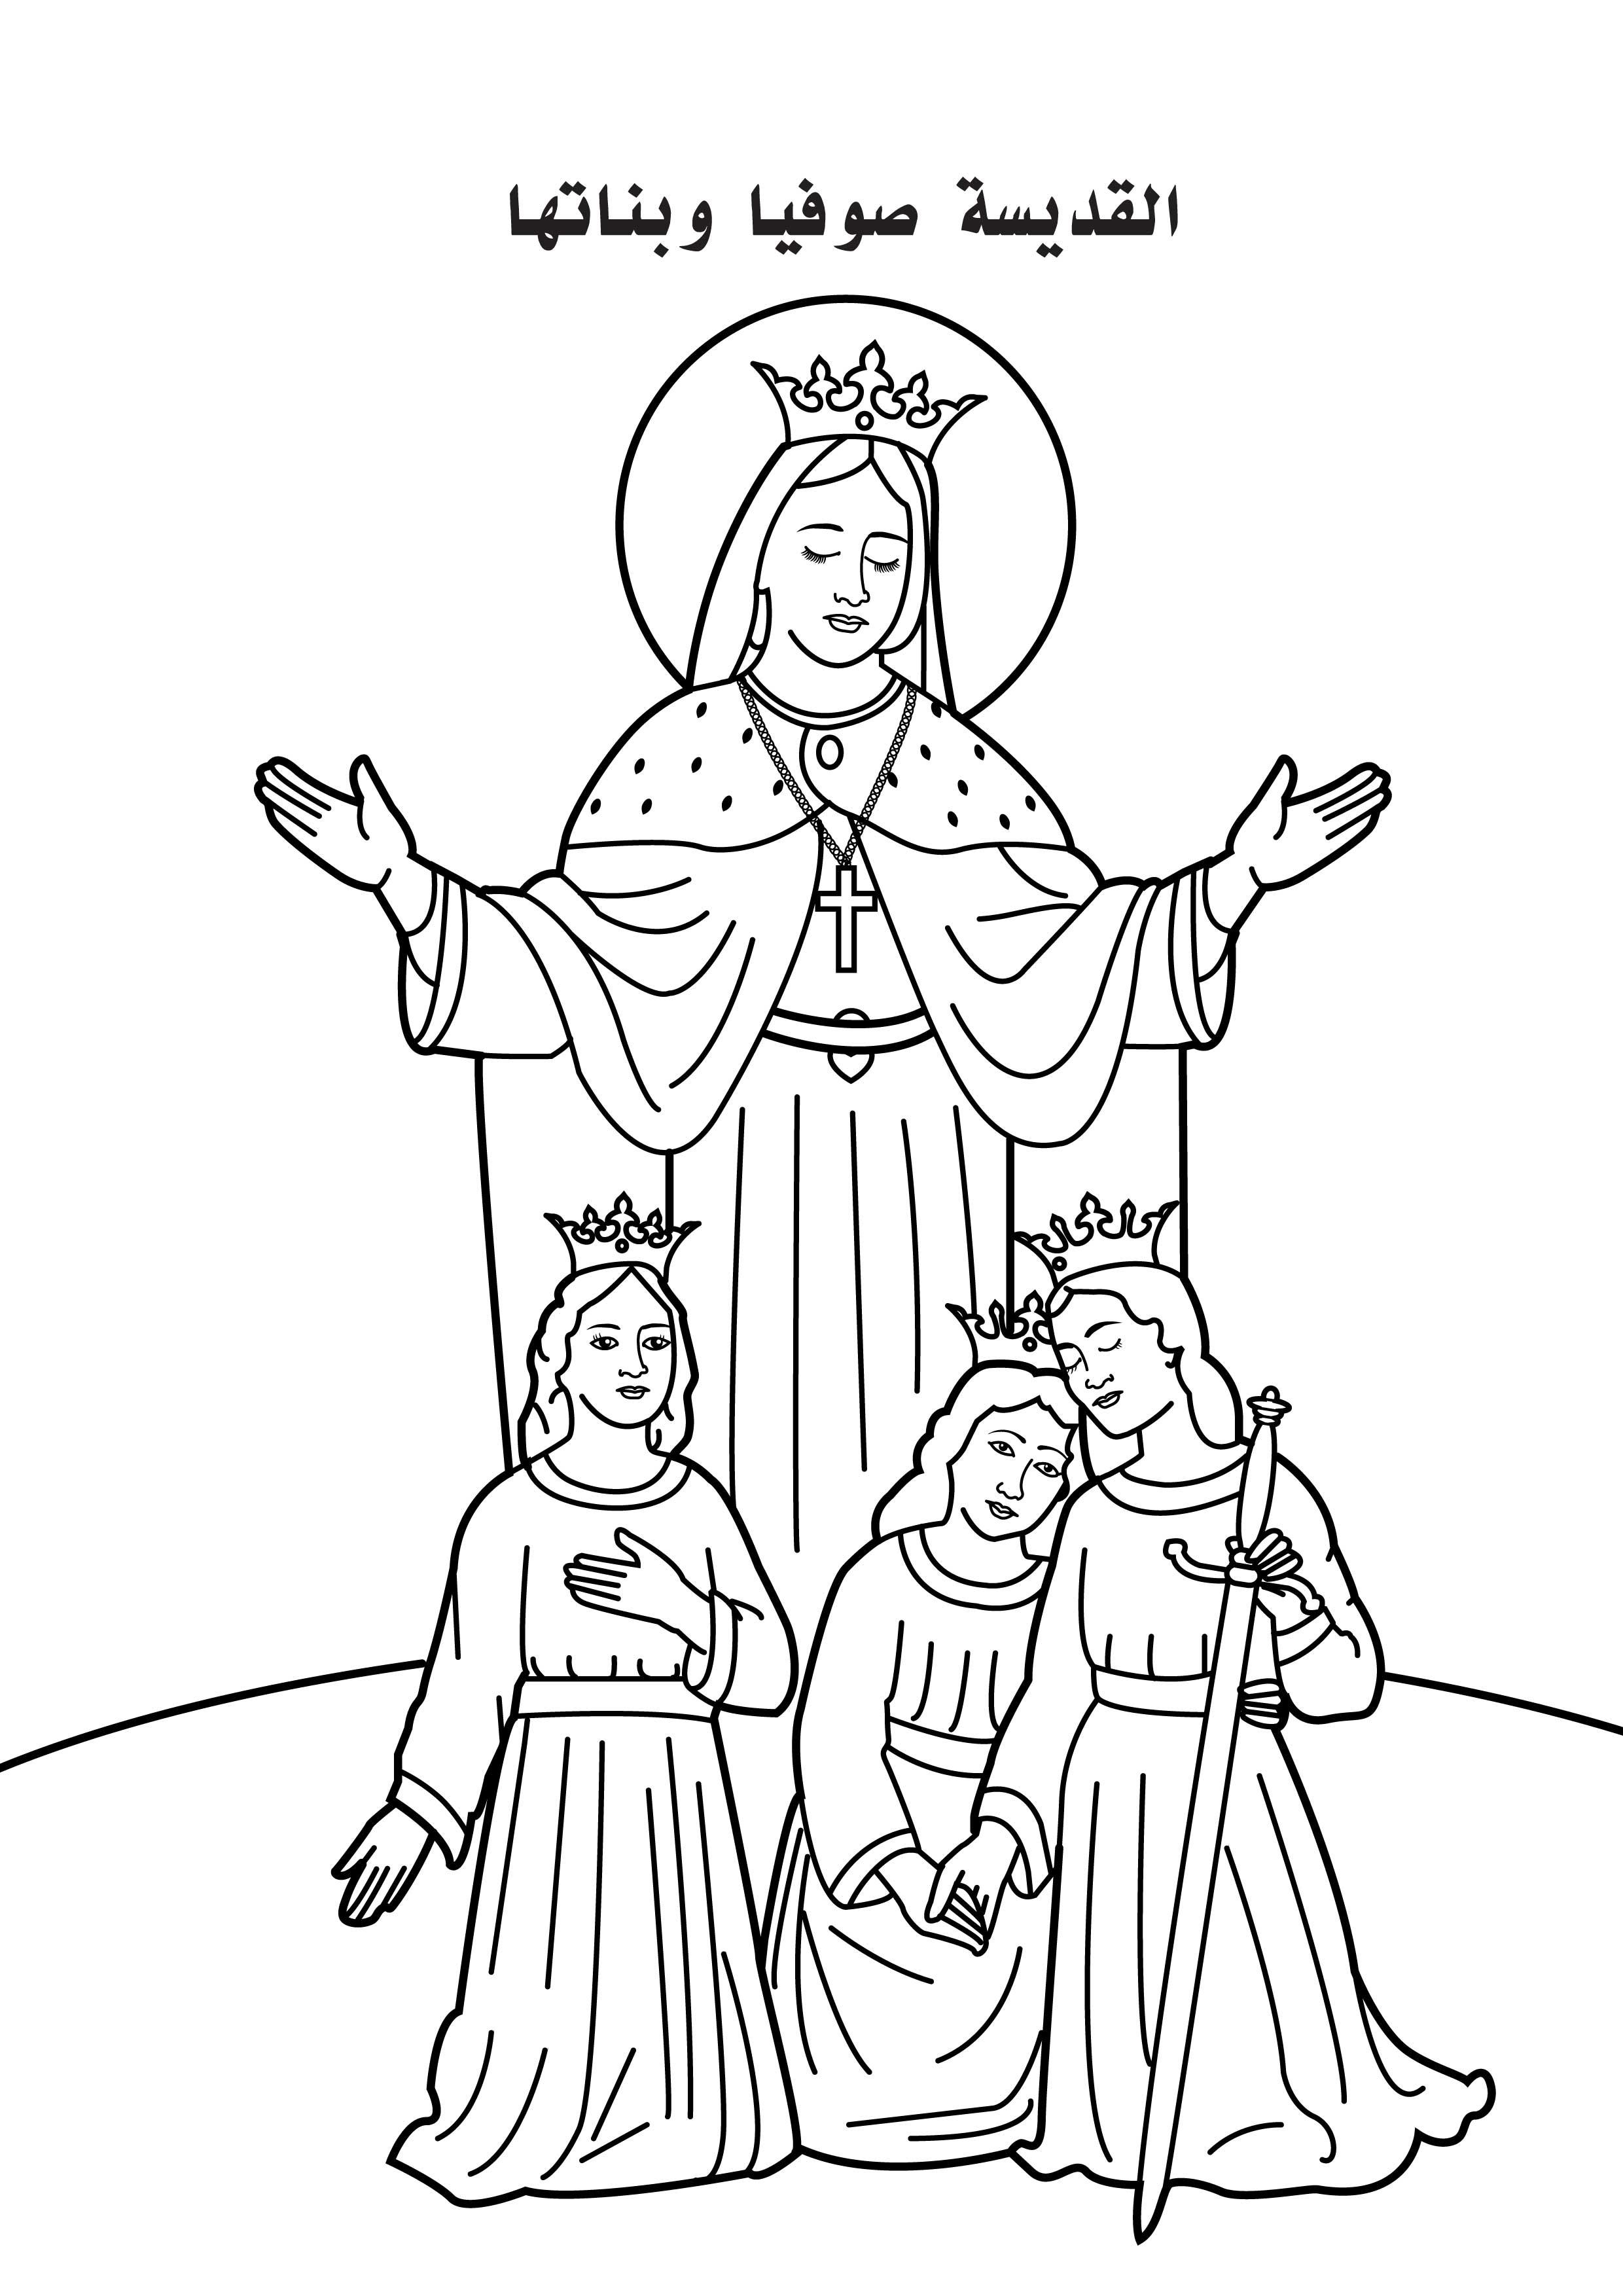 صورة للتلوين للقديسة صوفيا وبناتها